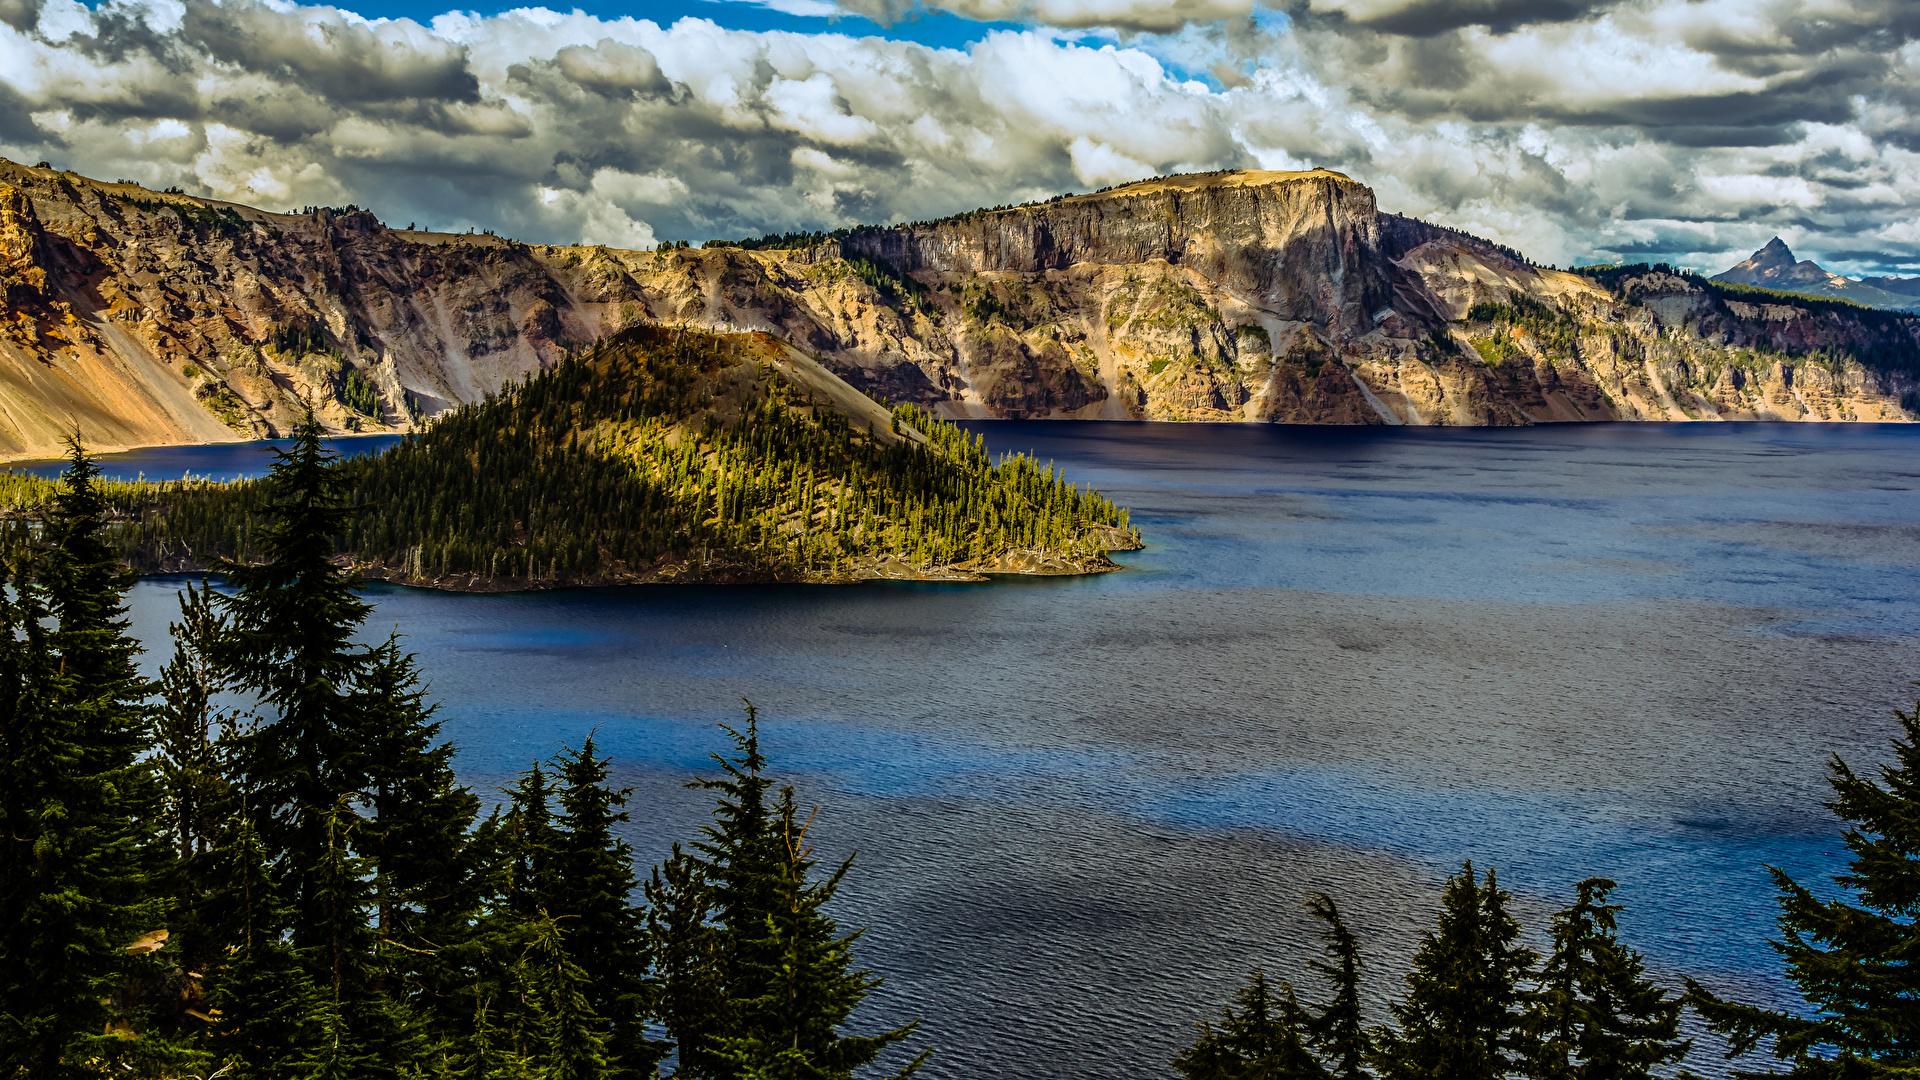 Картинки штаты Crater Lake National Park Oregon Ель Горы Природа парк Озеро 1920x1080 США америка ели гора Парки